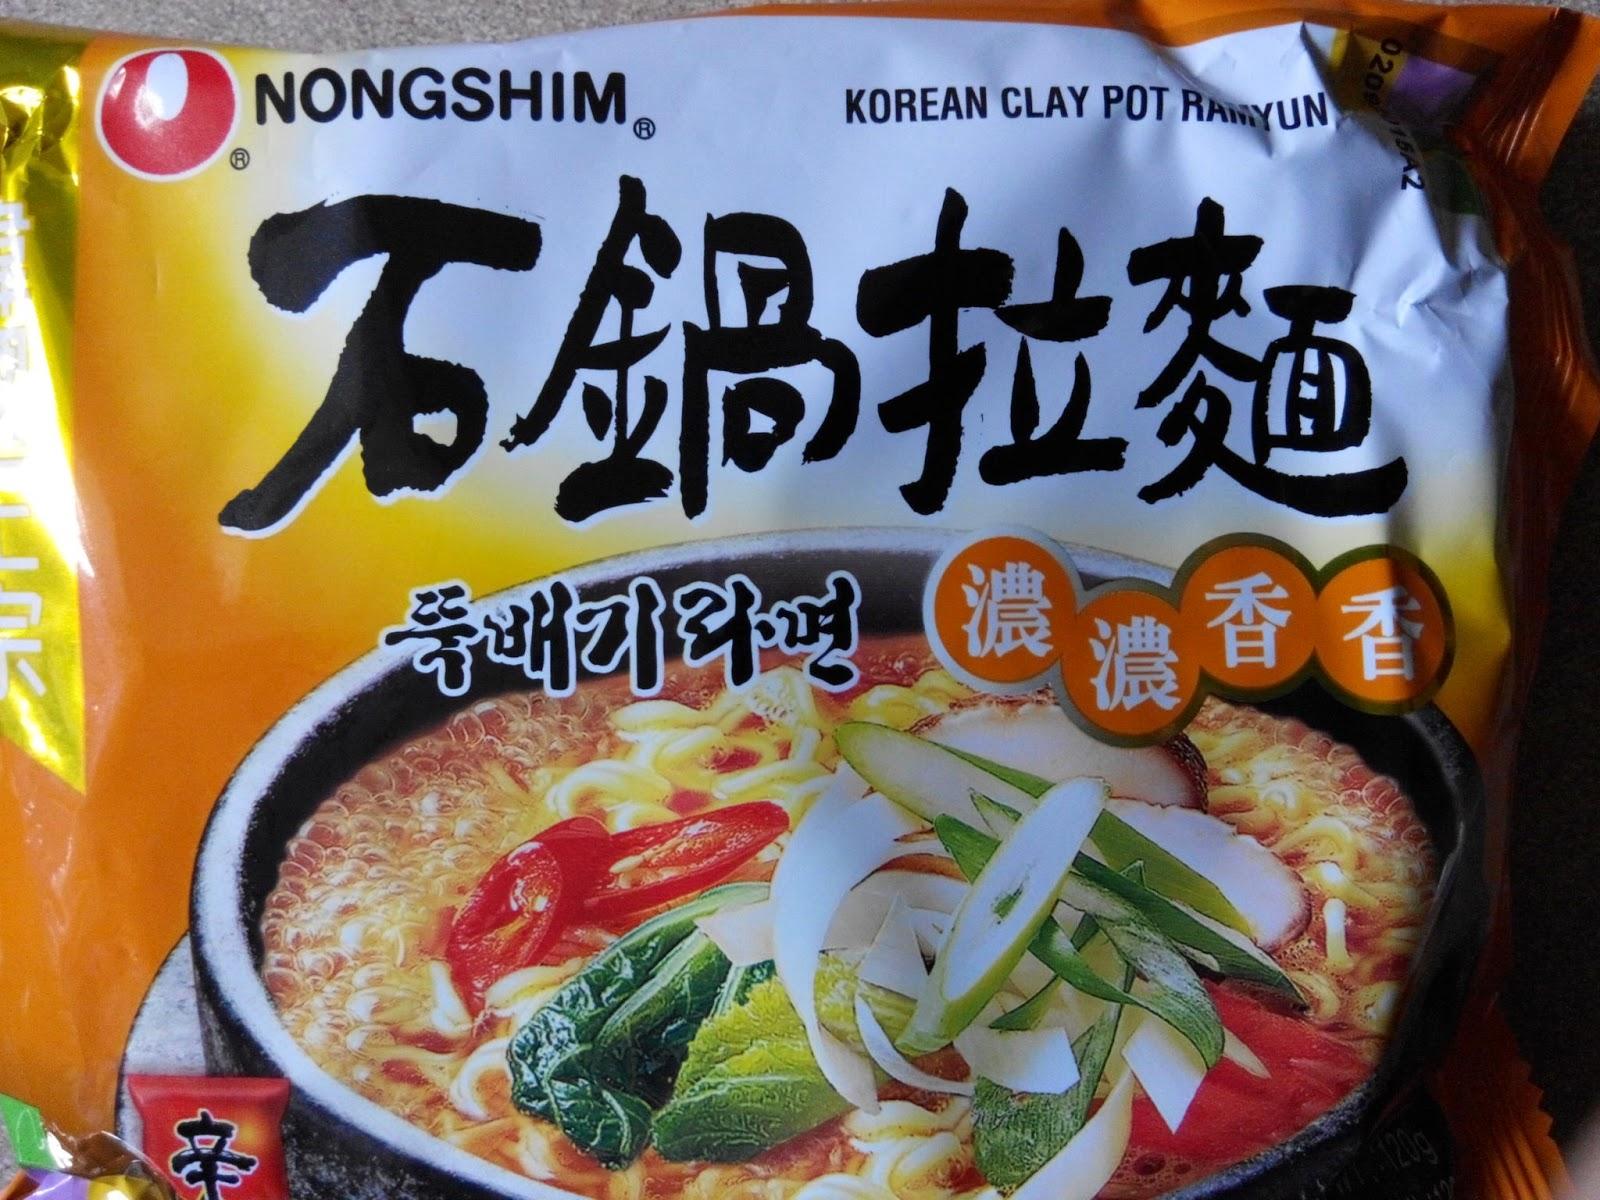 Korean Nong Shim's instant noodles